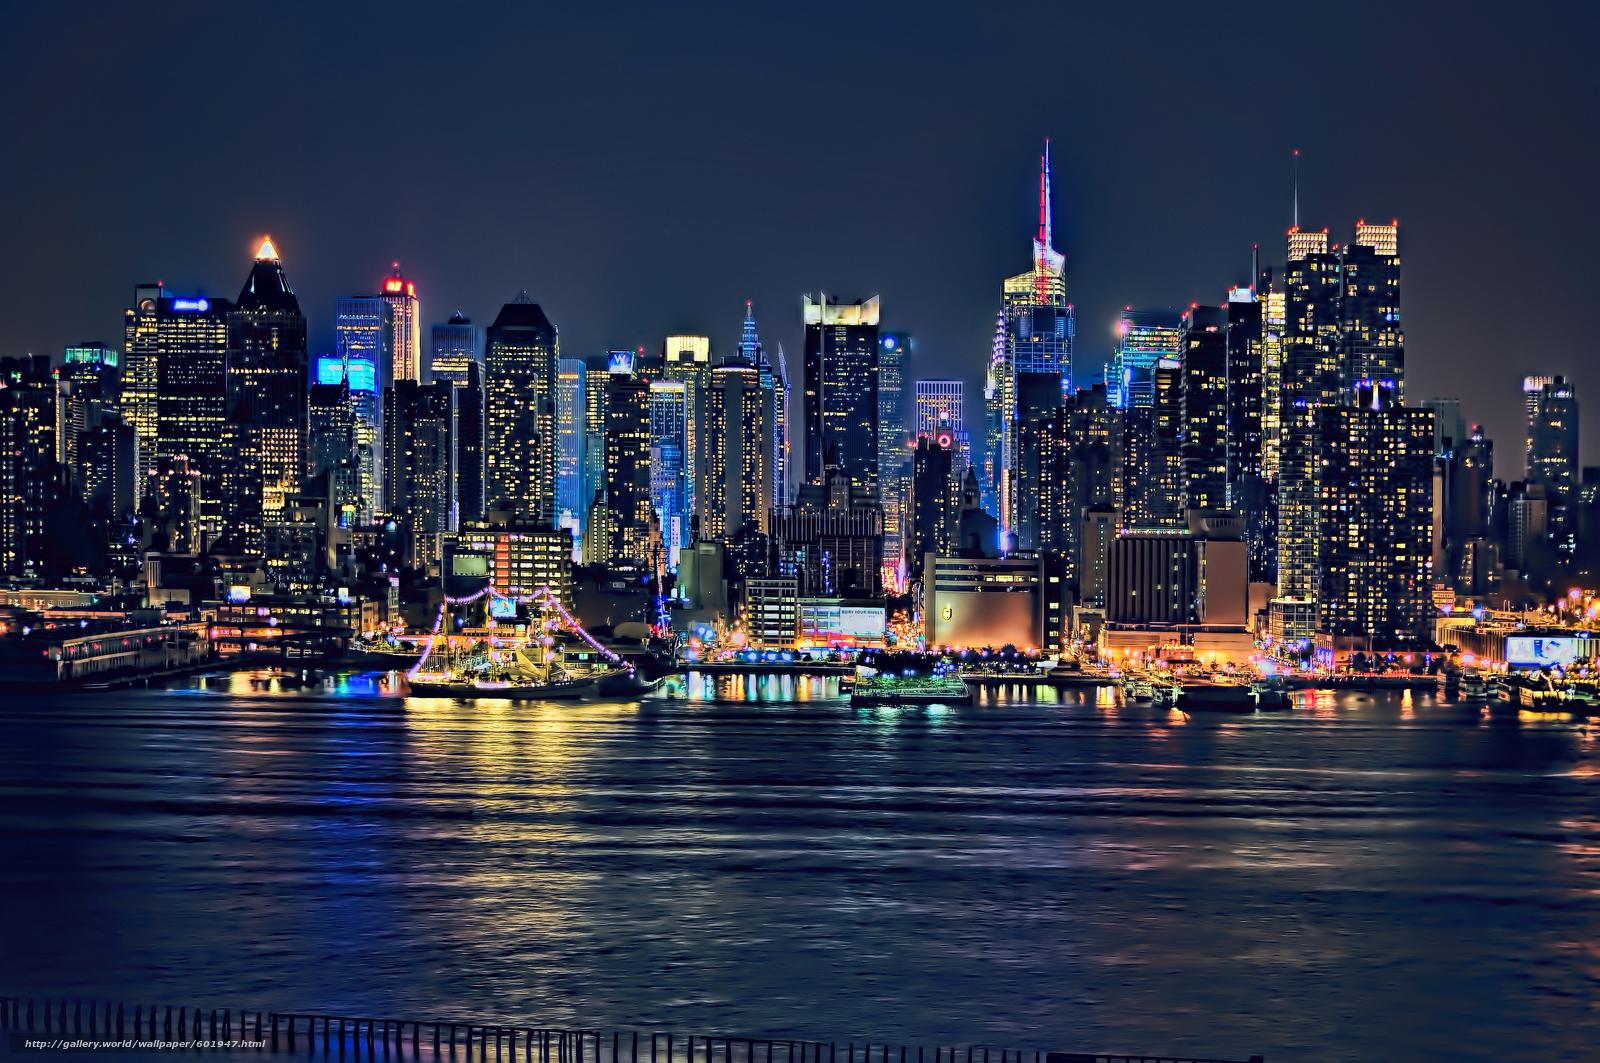 tlcharger fond d 39 ecran manhattan new york city usa fonds d 39 ecran gratuits pour votre rsolution. Black Bedroom Furniture Sets. Home Design Ideas